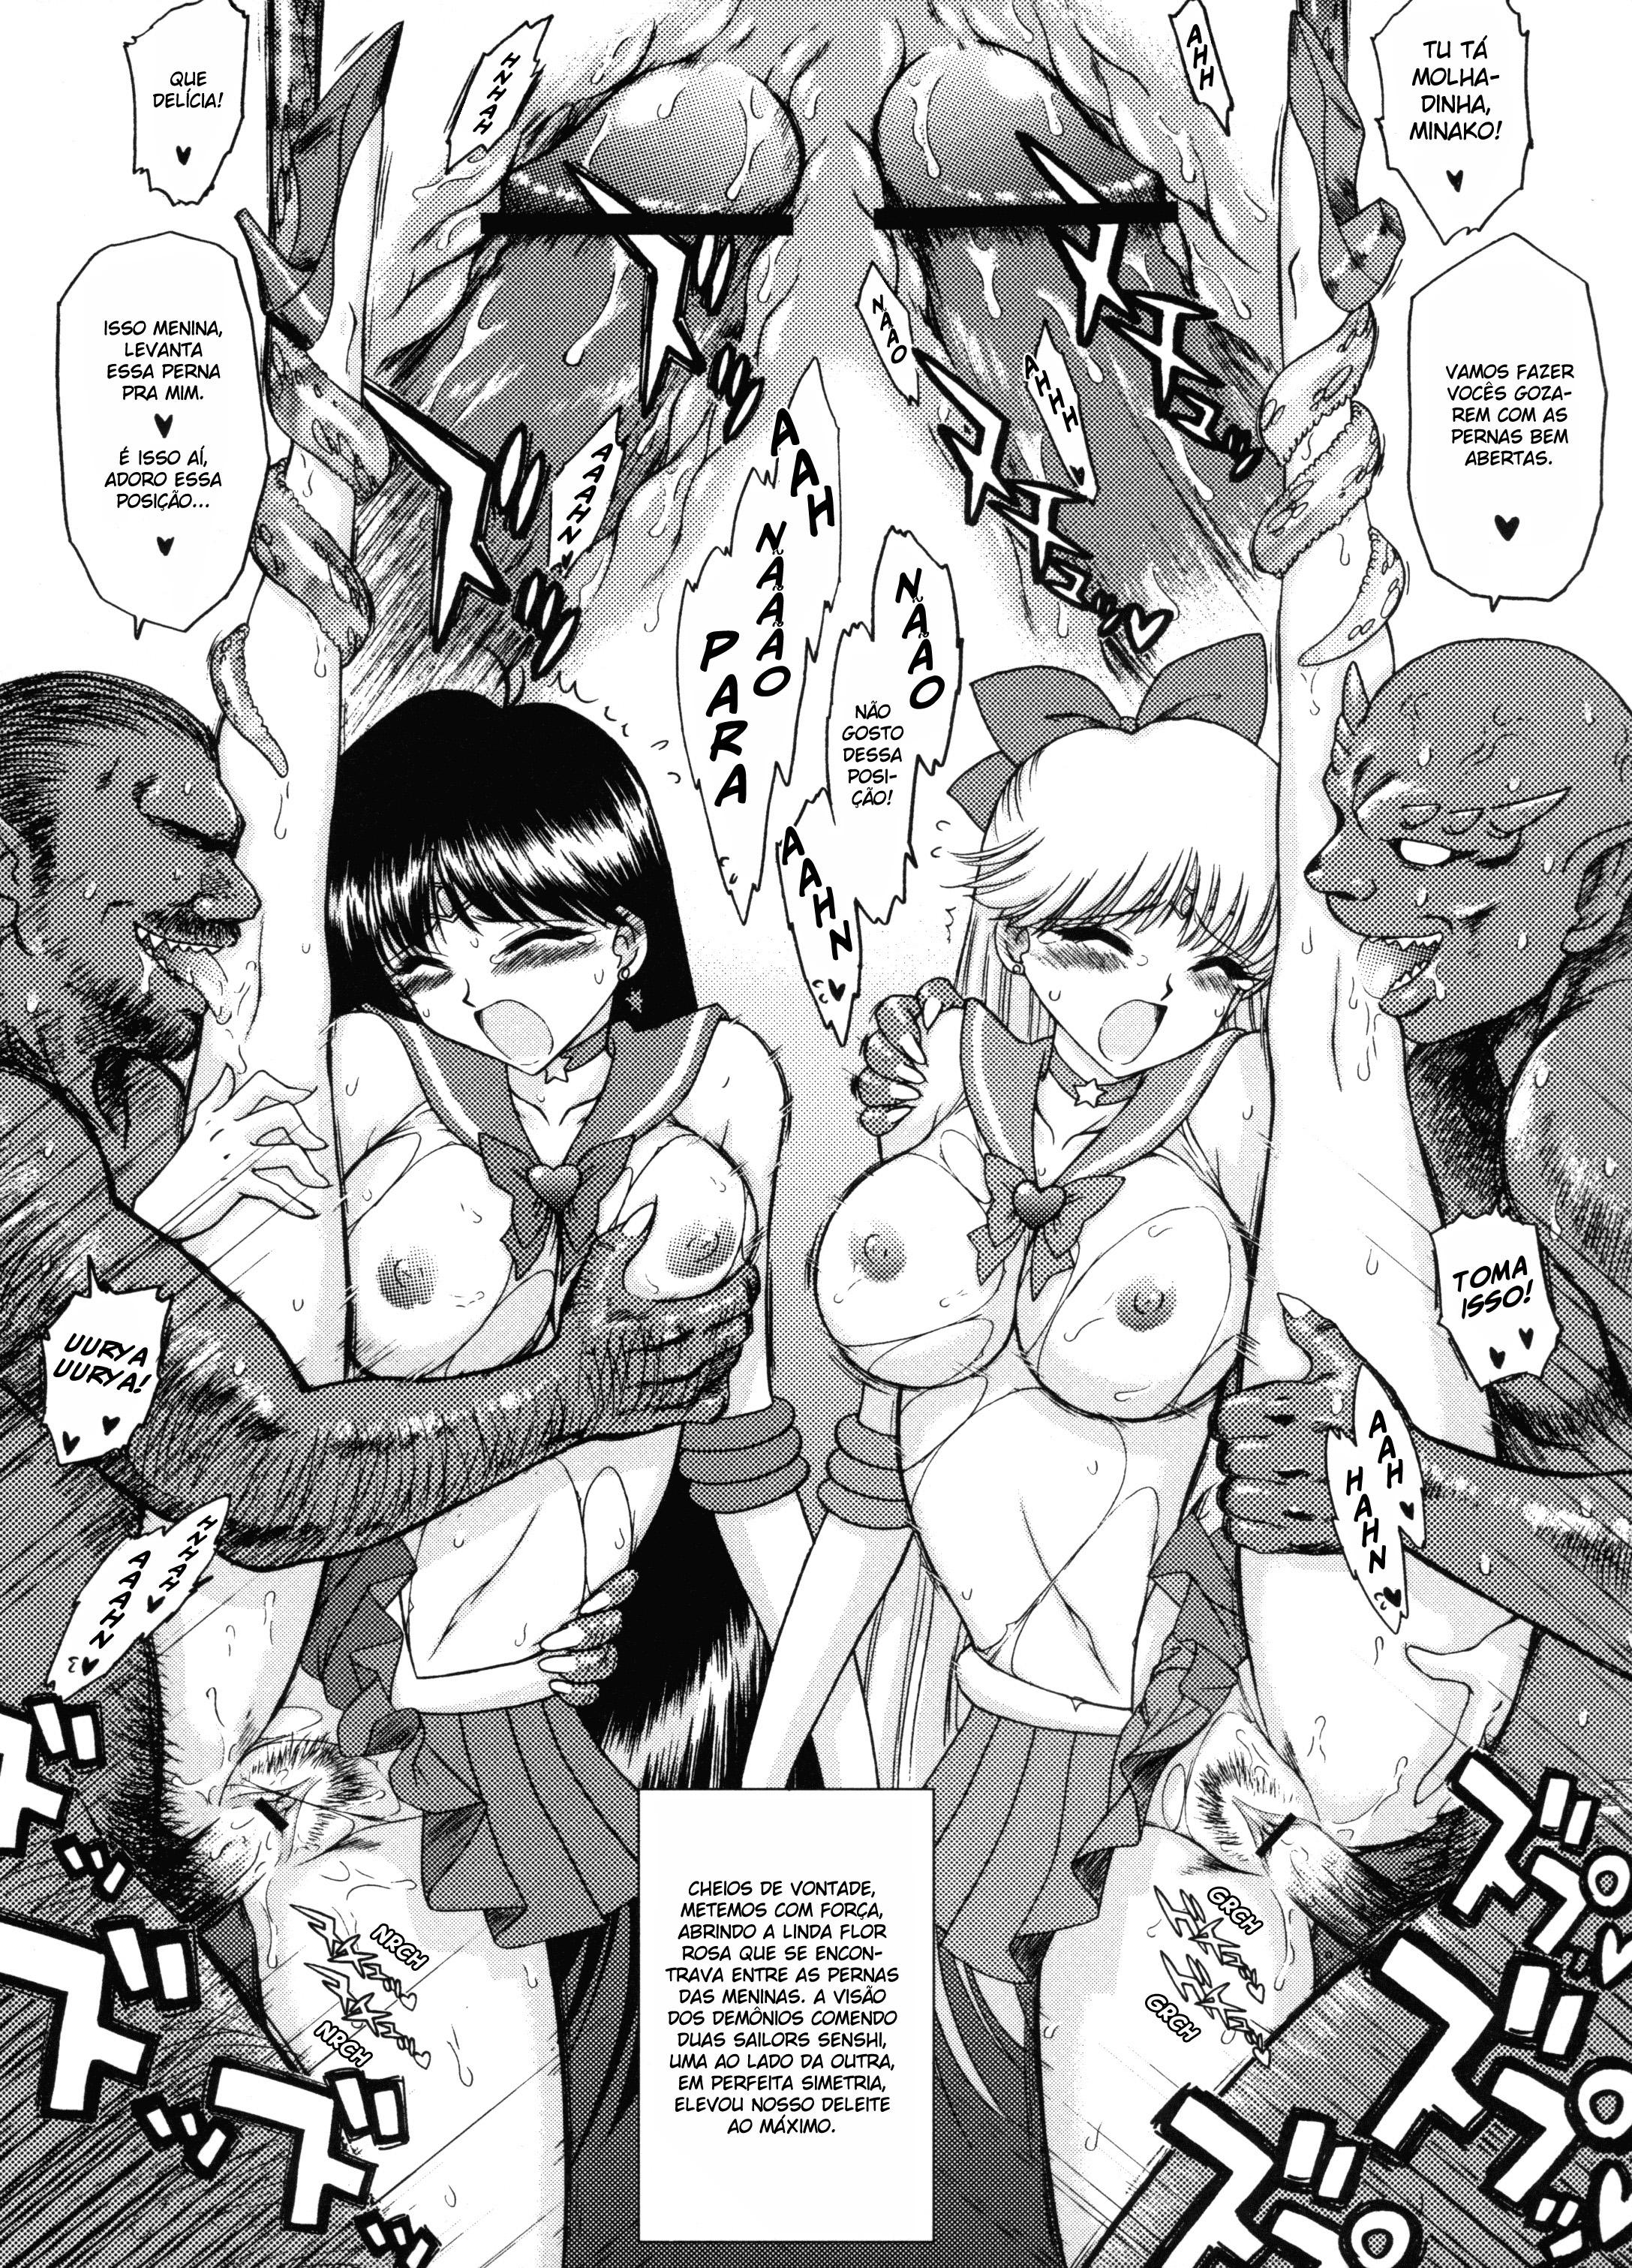 Demônios faz suruba com às guerreiras Sailors - Foto 16